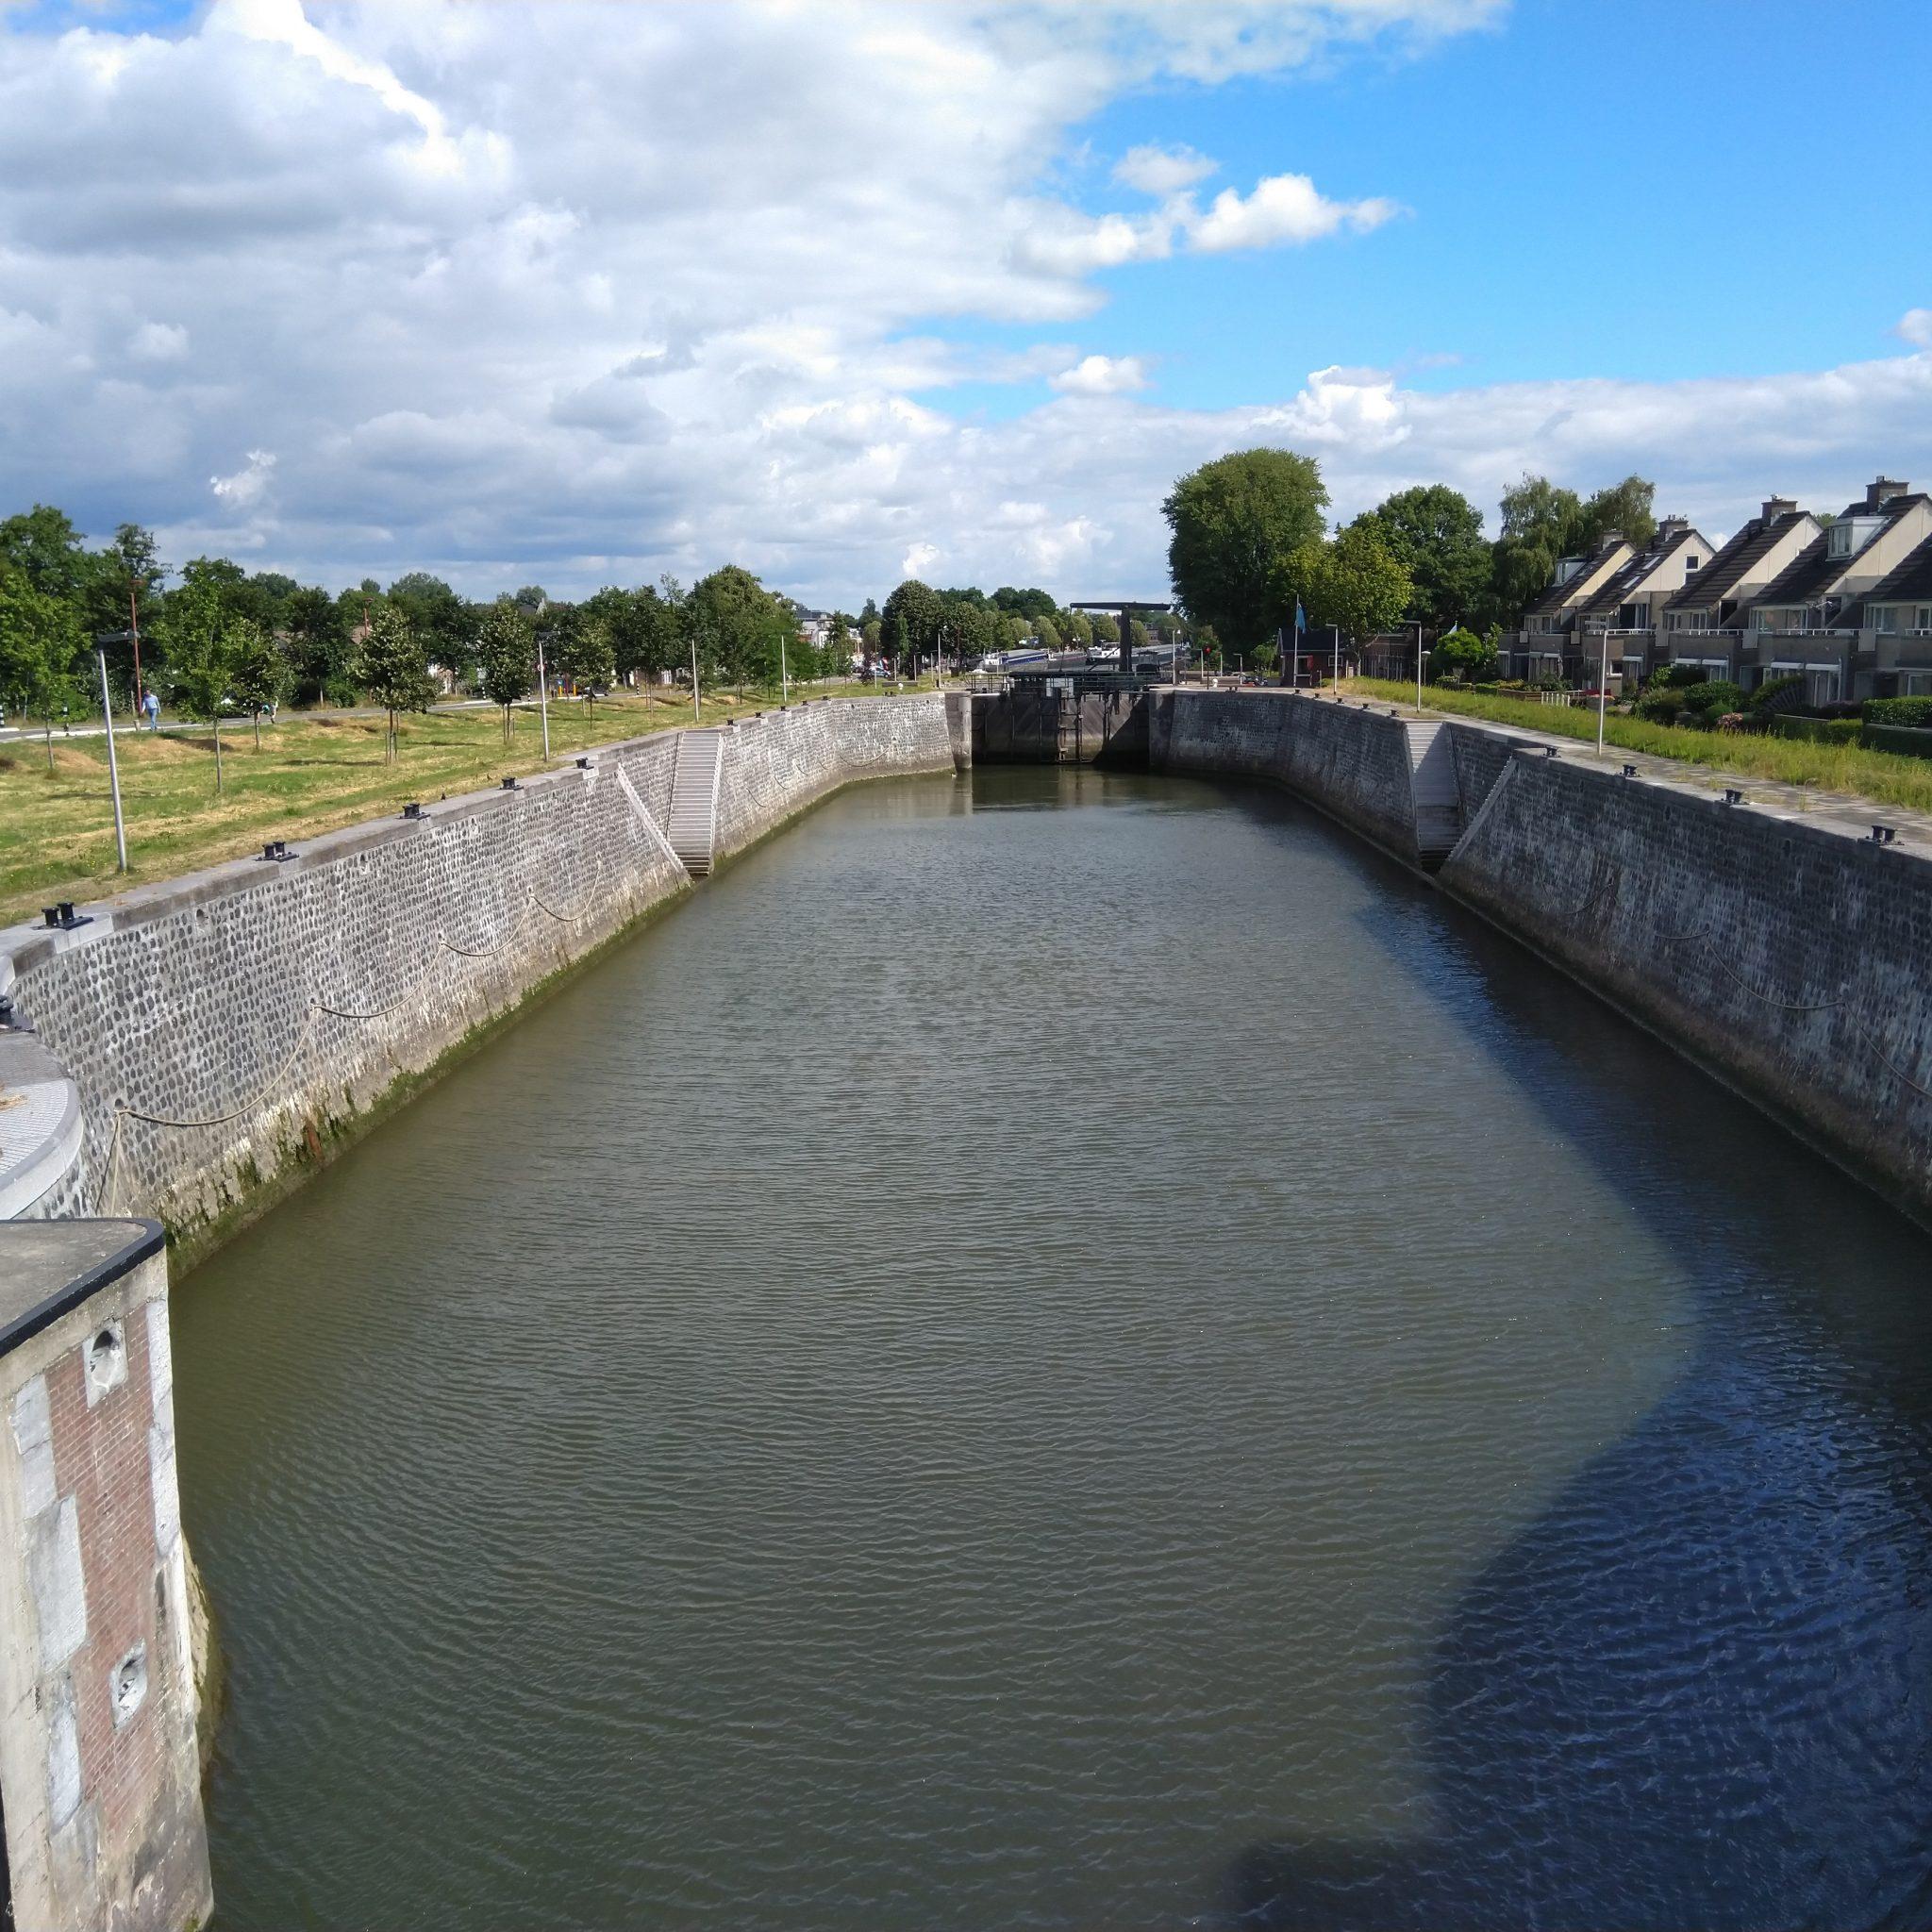 De sluis in Nieuwegein blijft langer gestremd voor de scheepvaart. (Foto Rijkswaterstaat)